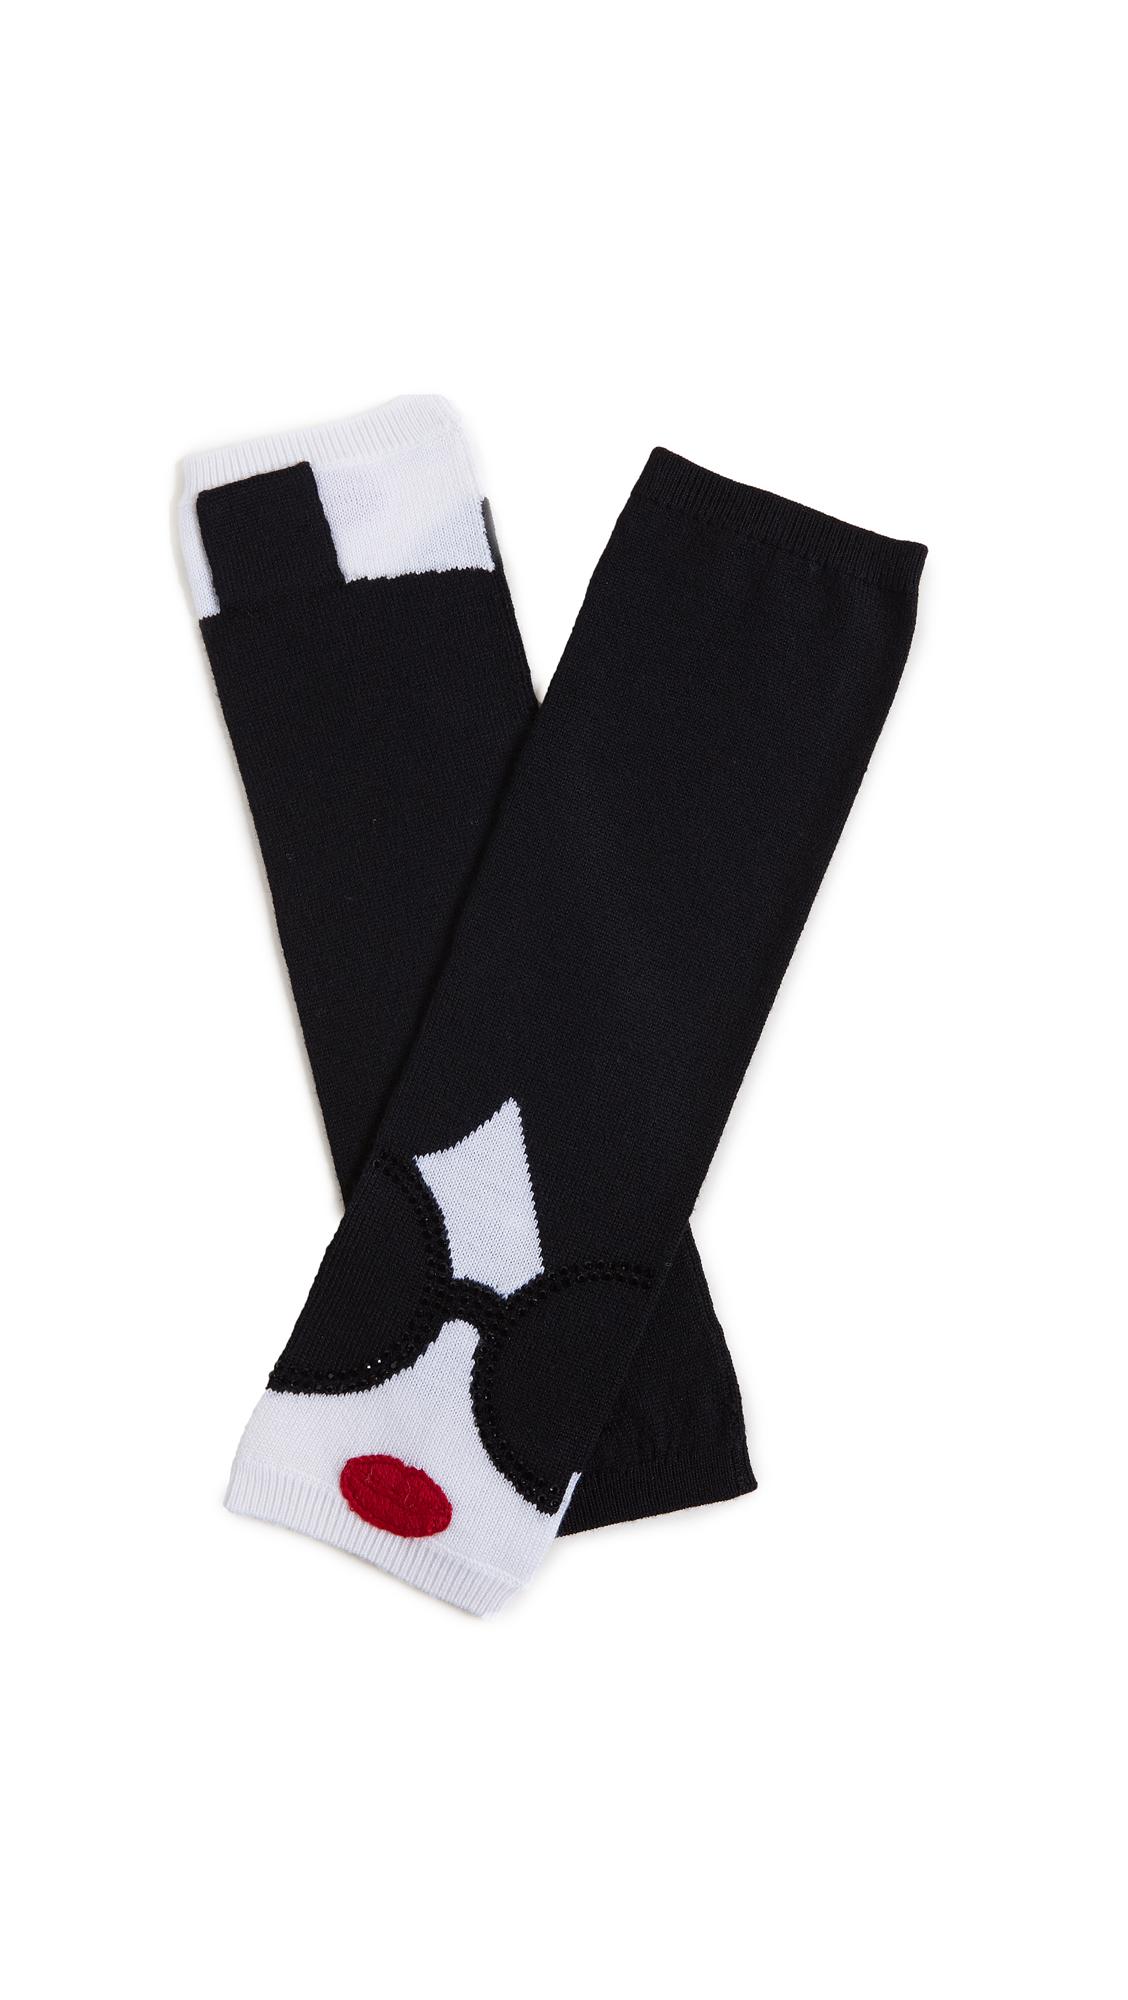 alice + olivia Stace Face Long Fingerless Gloves - Black/White